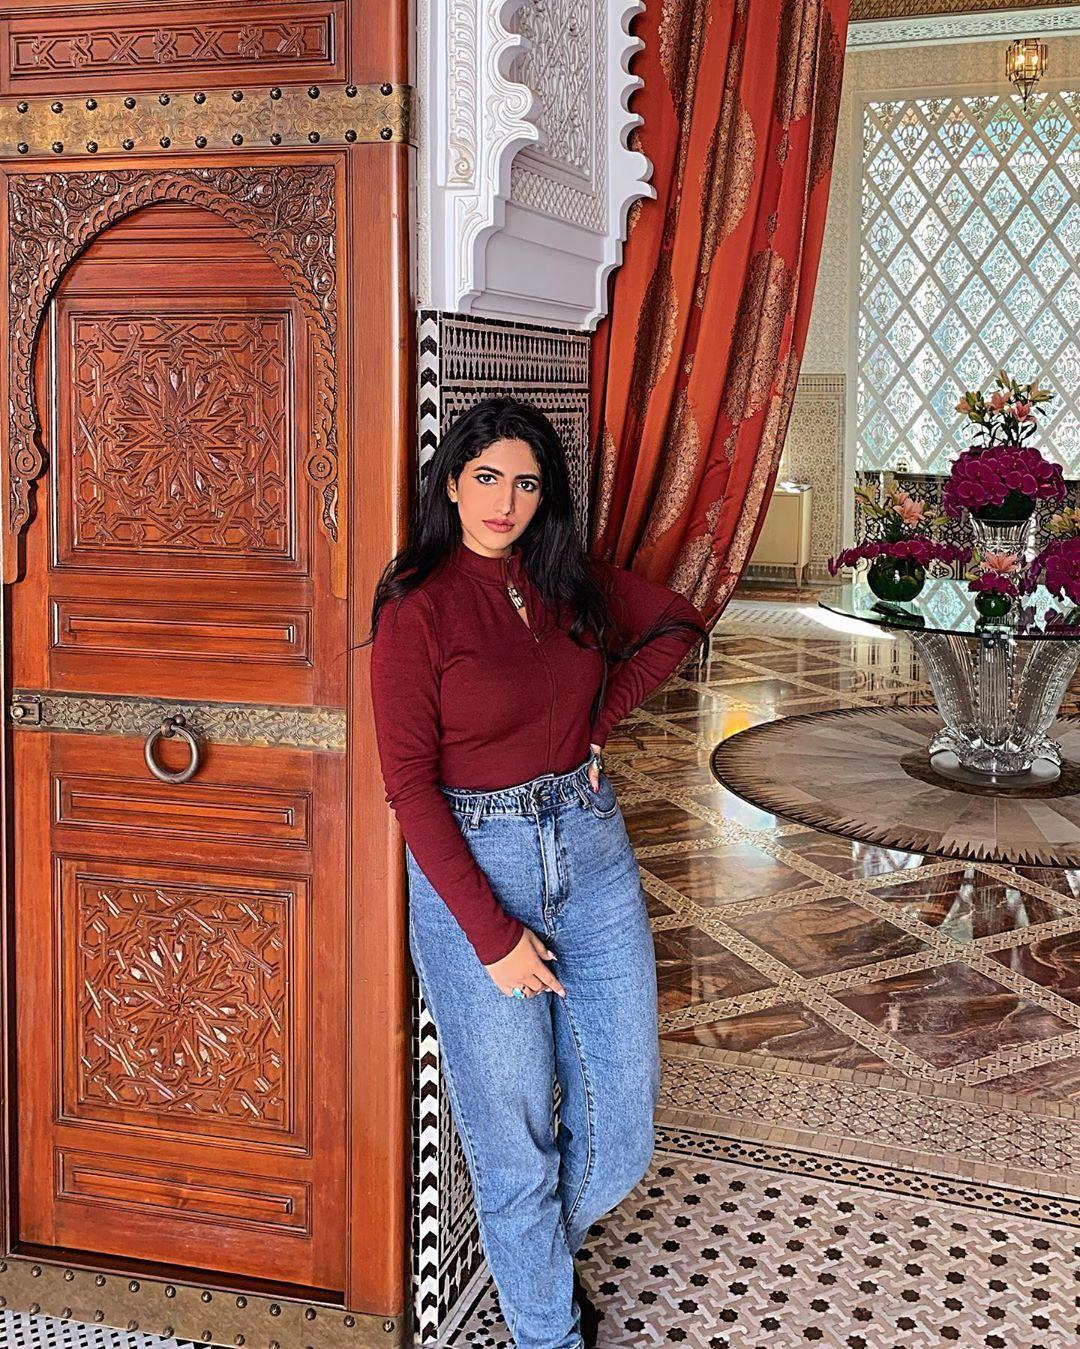 نور ستارز Noor Stars On Instagram I M Falling In Love With Morocco أقتنعت بالمقوله هذي جد ا إن الله اذا احب عبد ا كشف له حقيقة من حوله شو مق